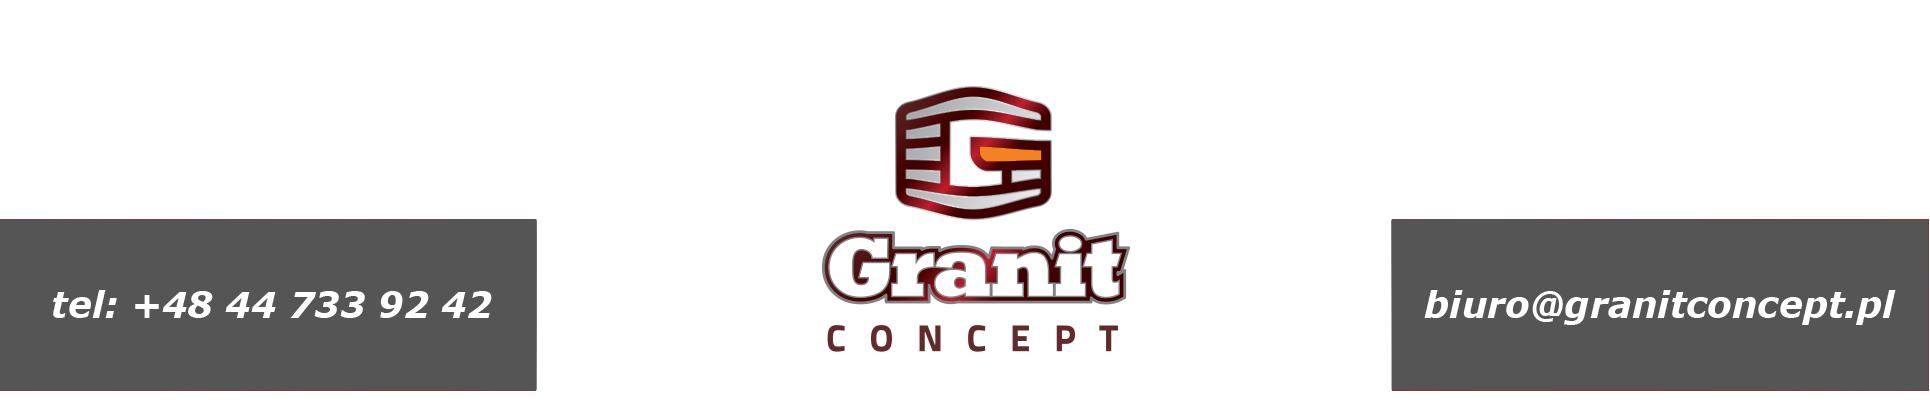 Granit Concept - Treppen-, Platten-, Granitfensterproduzentbretter. Verkaufsführer von Granit. Granit Piotrków Trybunalski